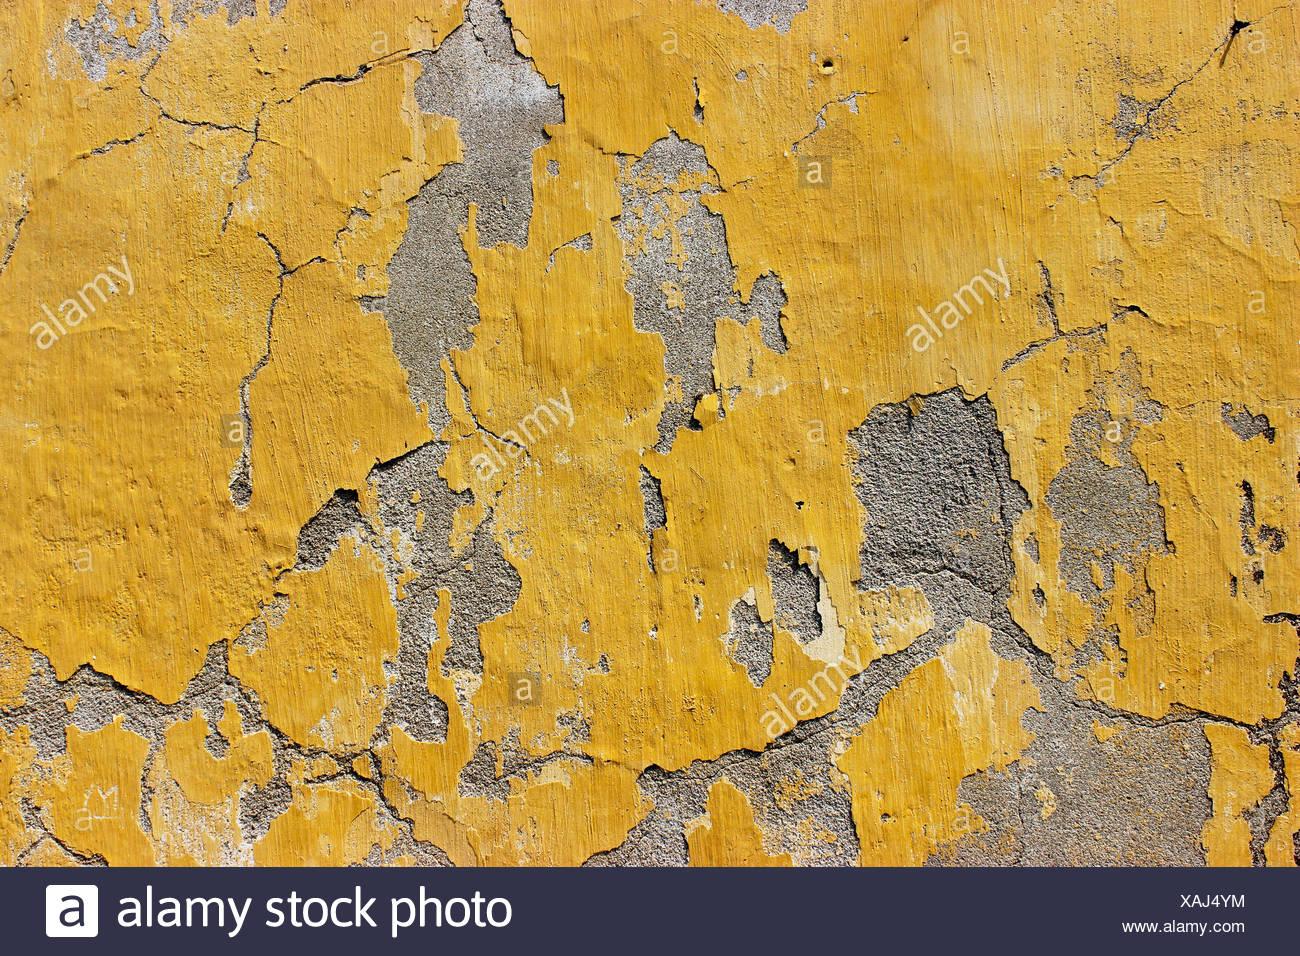 La Couleur Pierre Rugueux Plâtre Mur Decay Dégradés